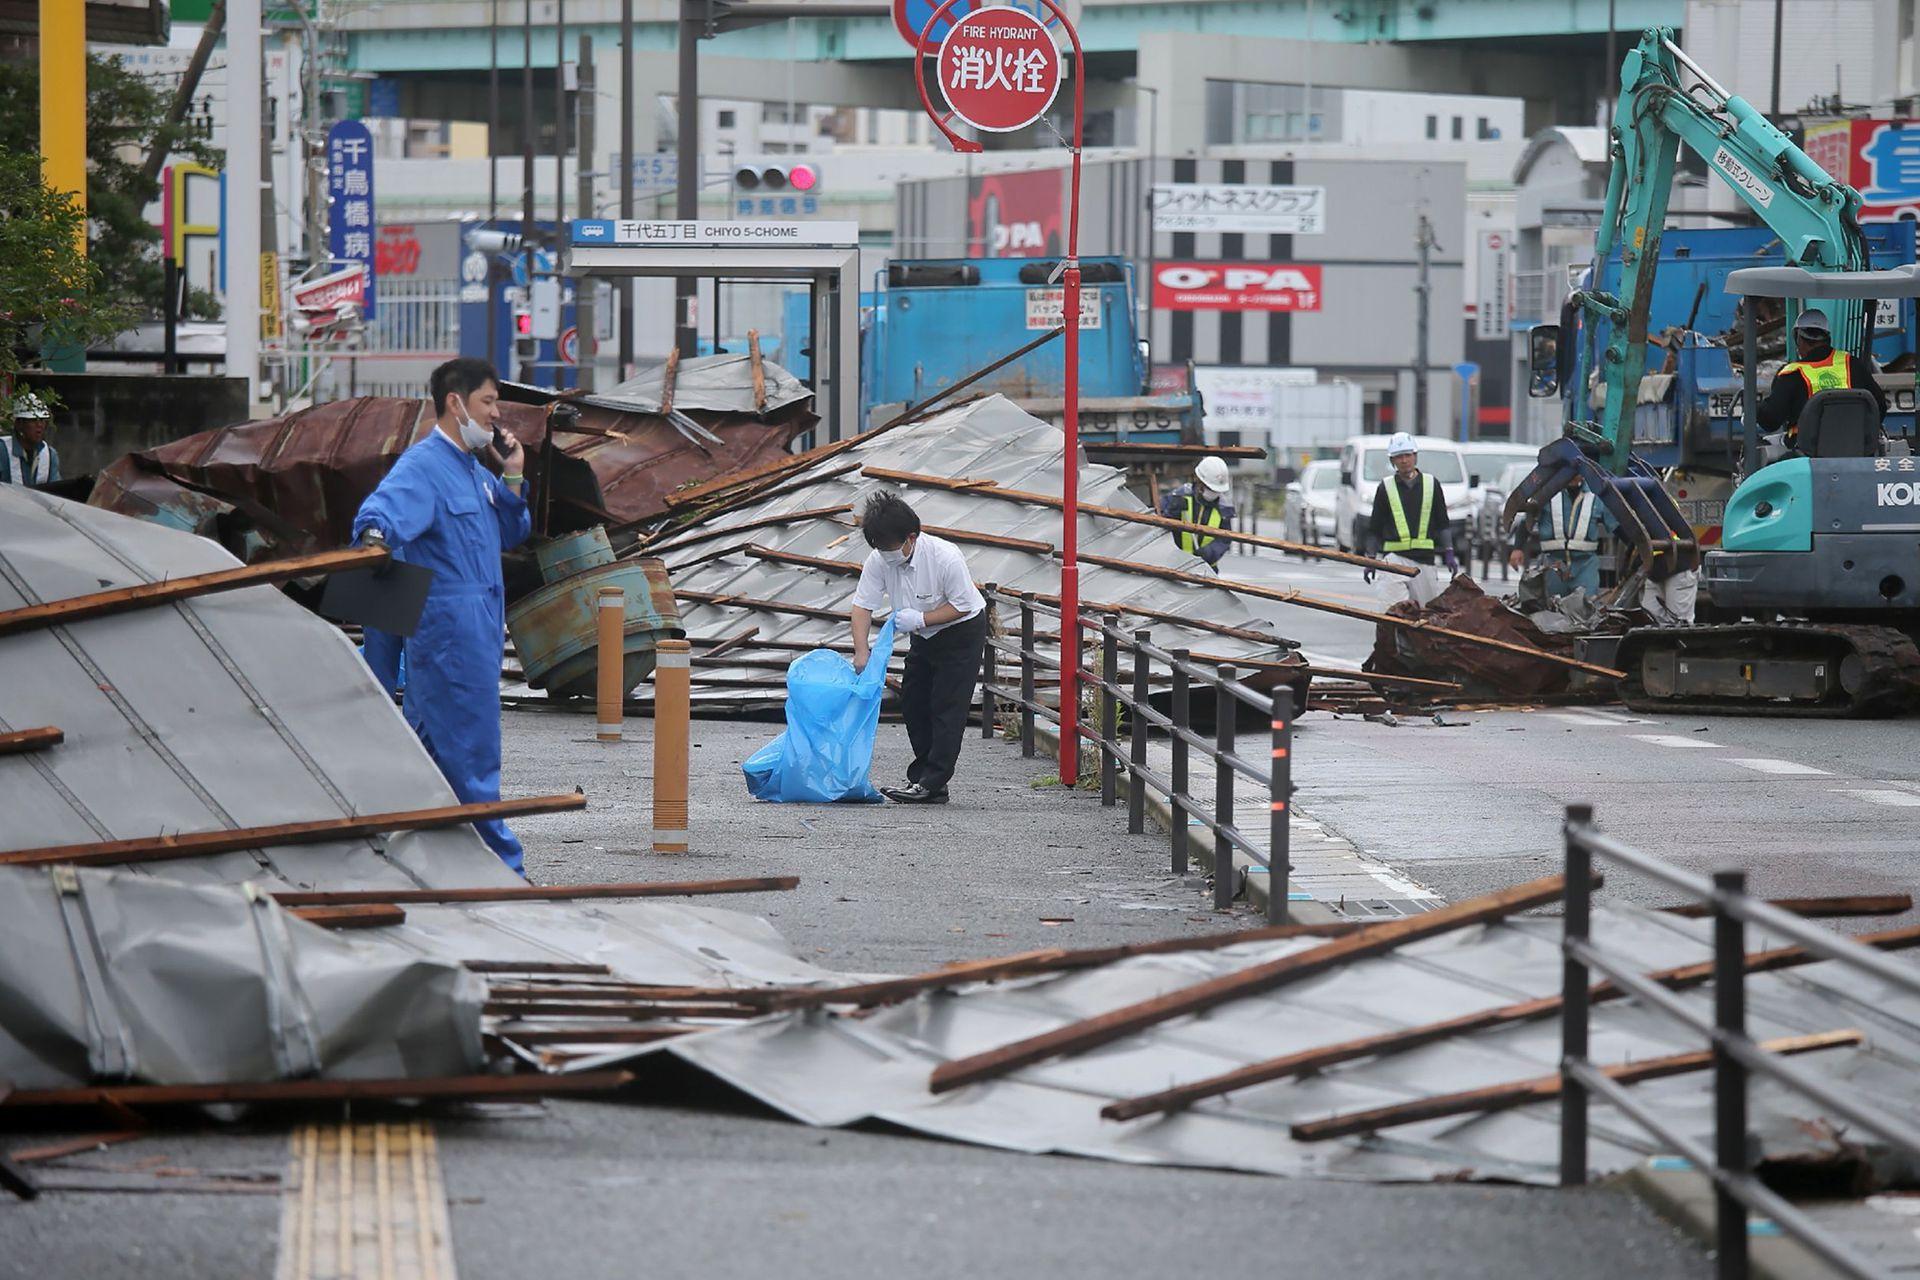 Hasta la mañana del lunes, alrededor de medio millón de residencias japonesas seguían sin servicio eléctrico.